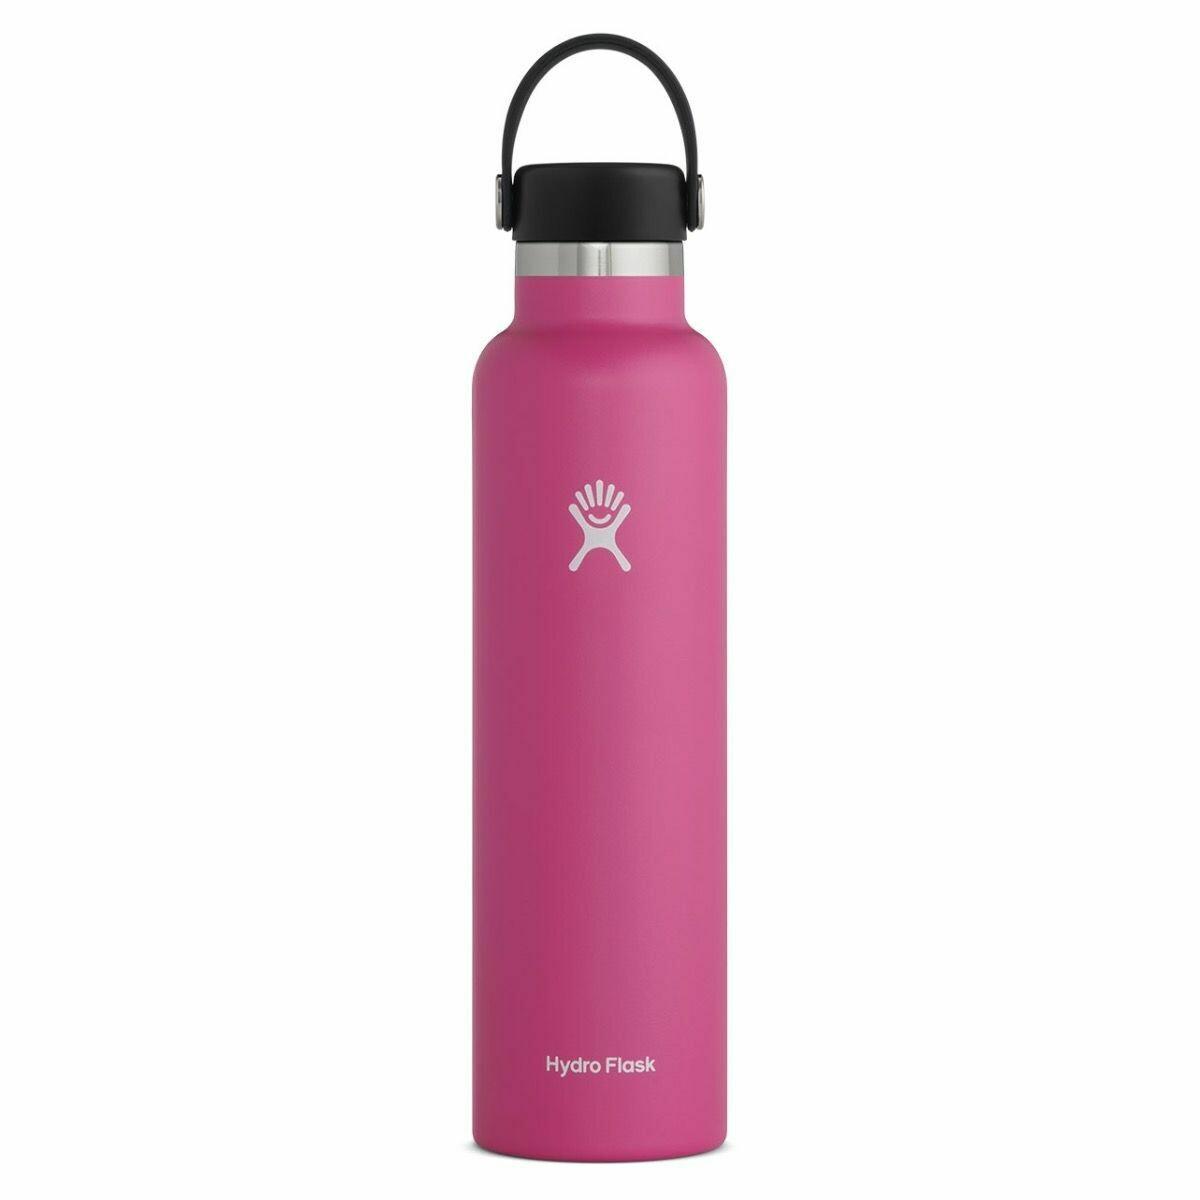 Hydro Flask 24 oz Standard Mouth w/ Flex Cap CARNATION